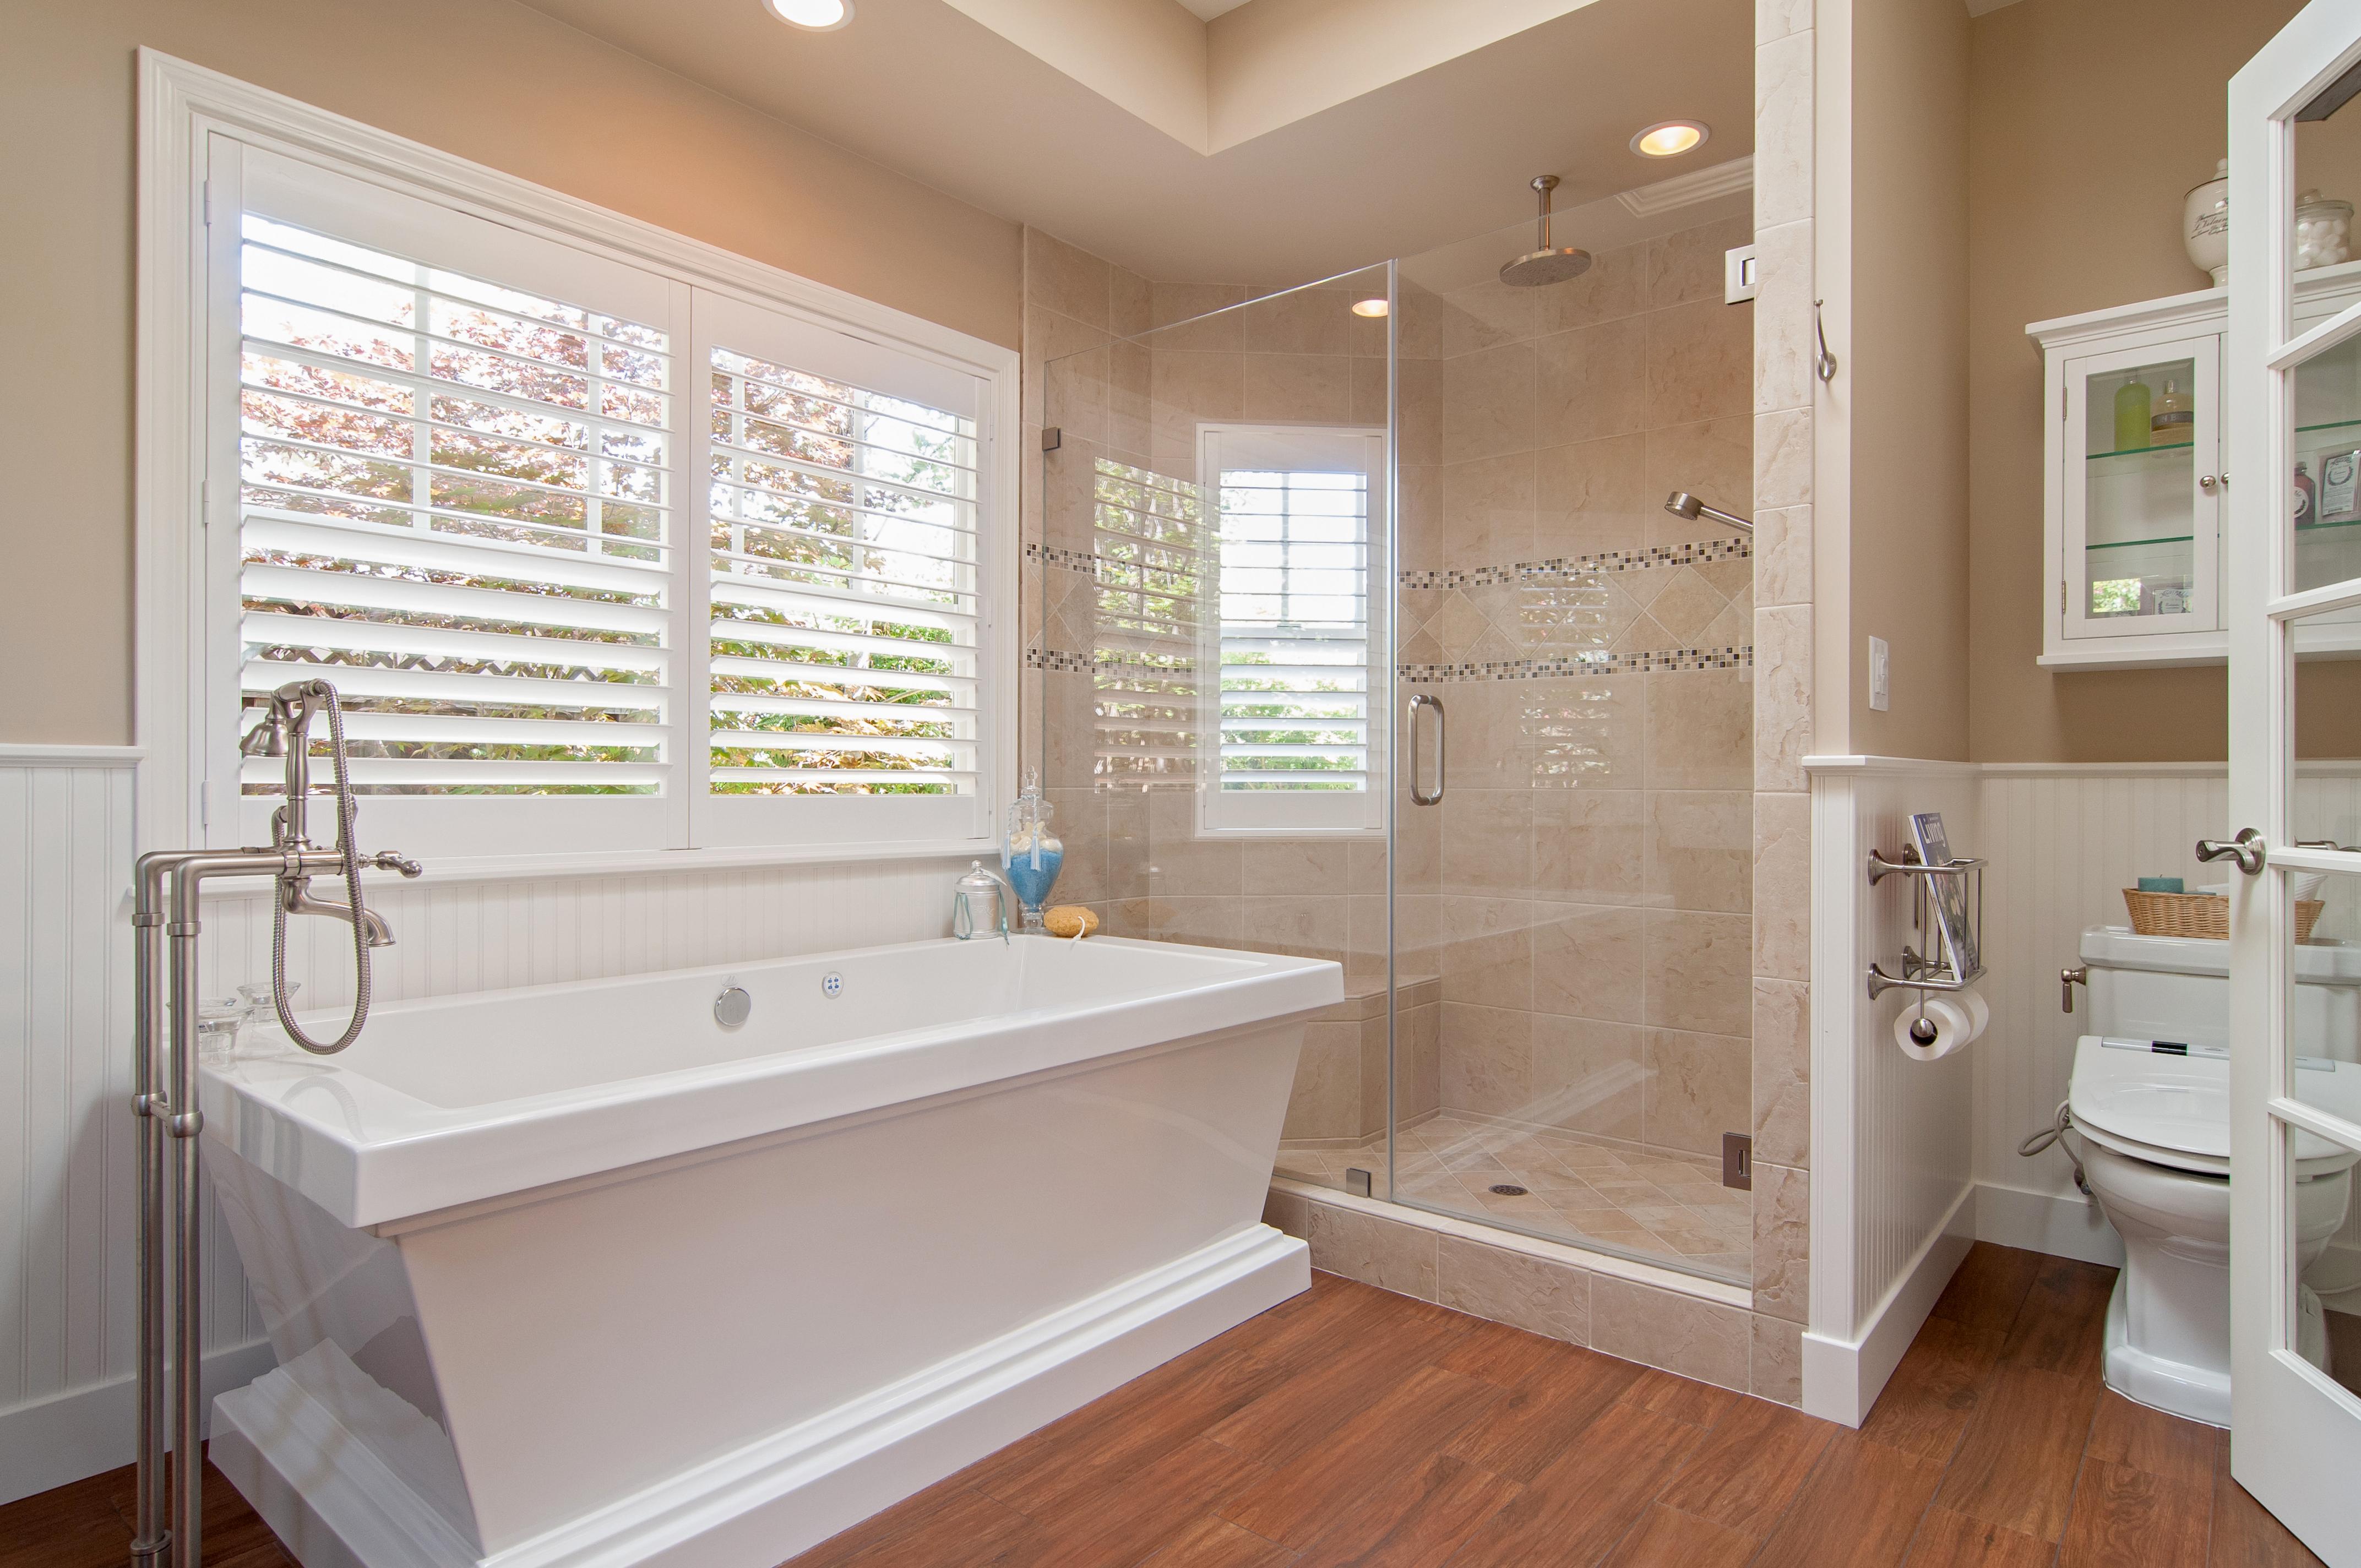 Best Bathroom Remodelers In Sandy Springs Ga Just Listed